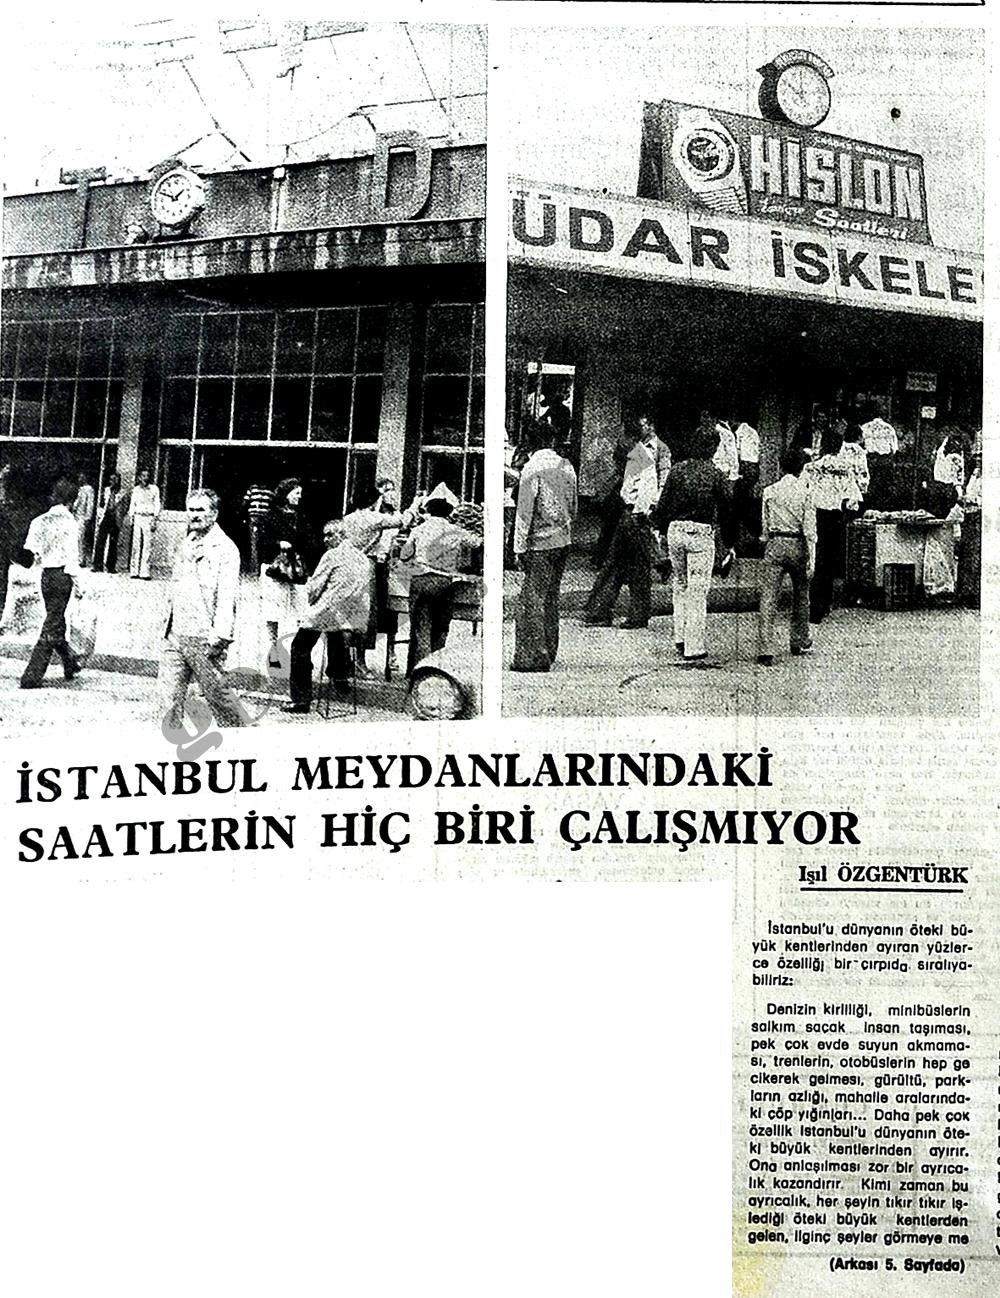 İstanbul meydanlarındaki saatlerin hiç biri çalışmıyor